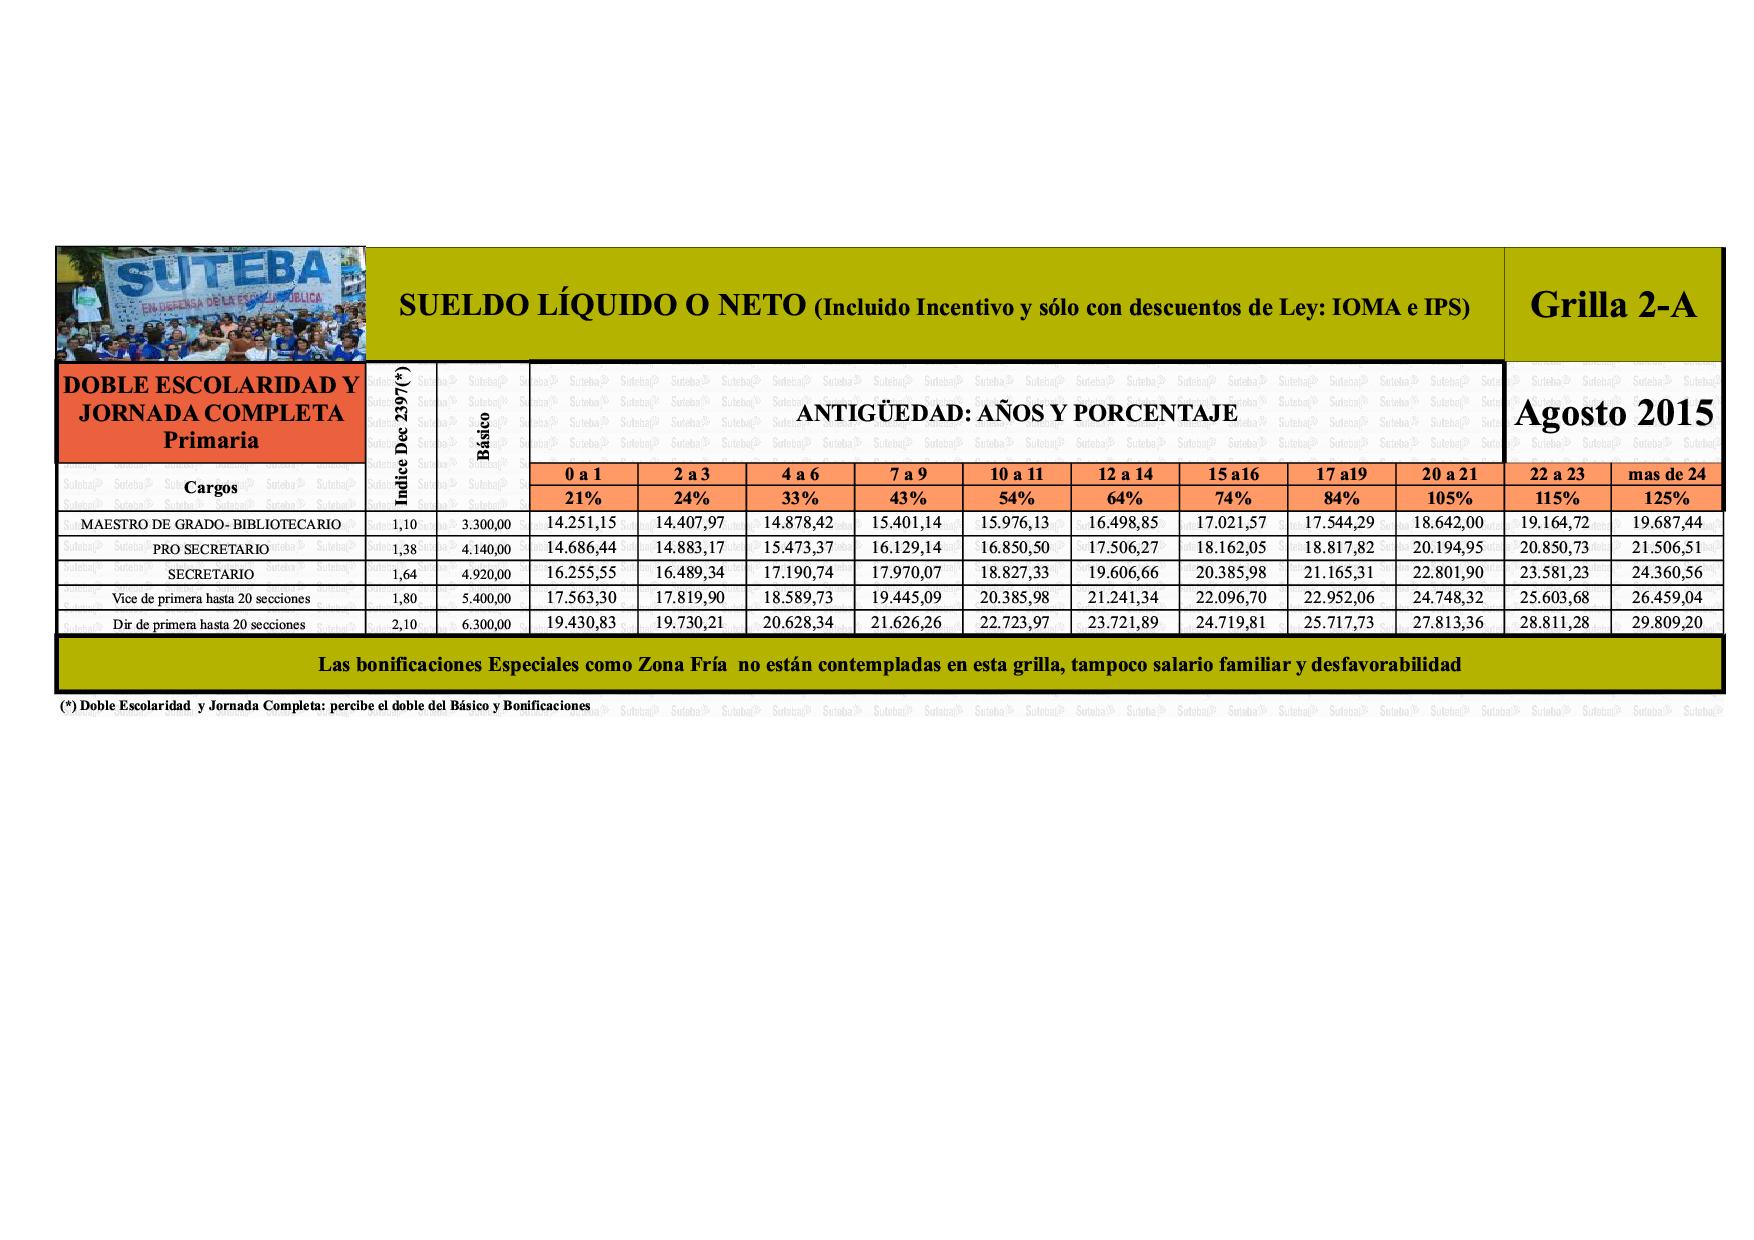 PCIA.BS.AS.: Grillas salariales de Suteba a marzo y agosto 2015 View ...